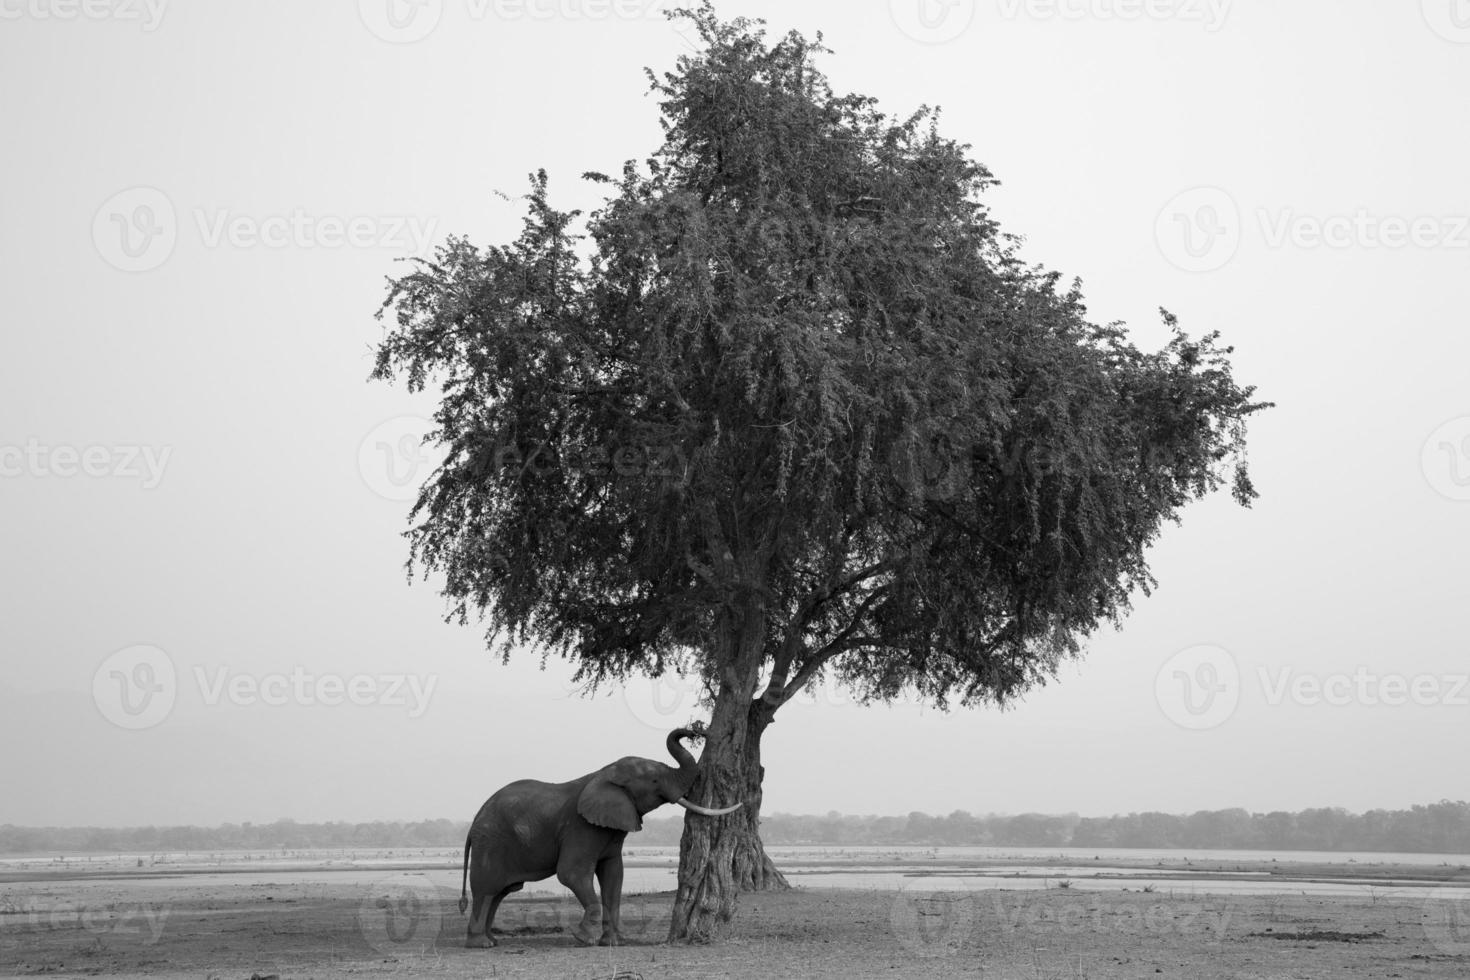 touro elefante africano (loxodonta africana) empurrando árvore foto